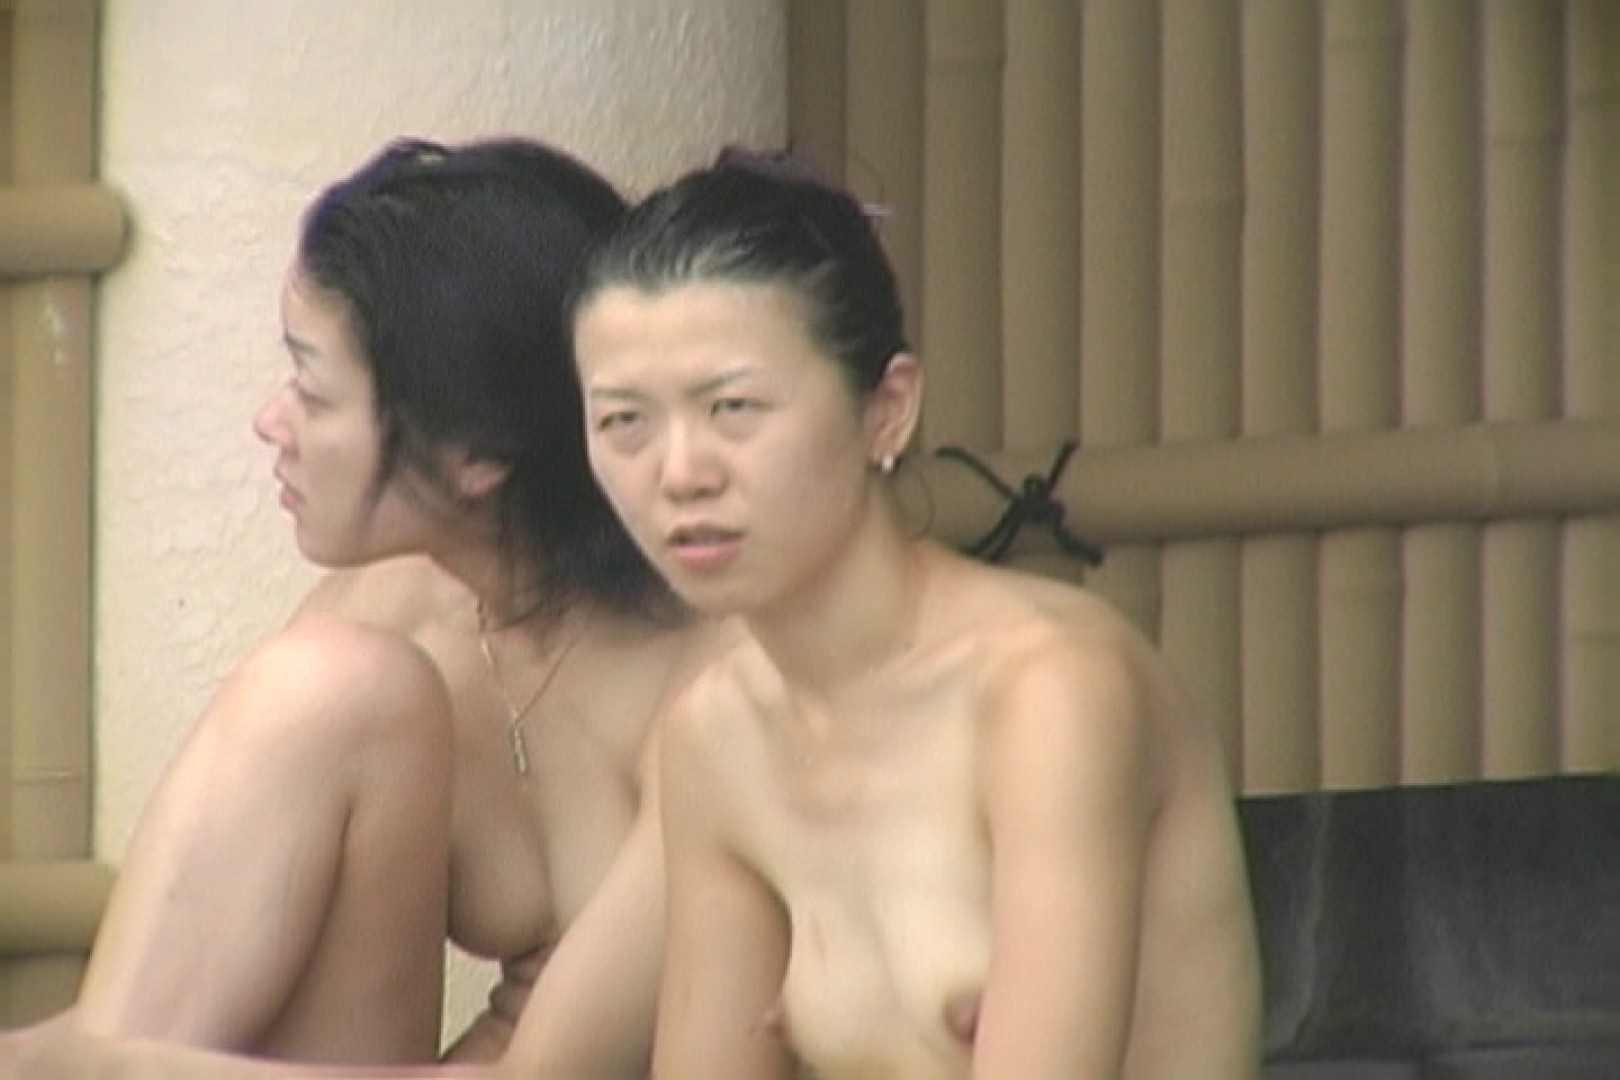 Aquaな露天風呂Vol.638 0  88pic 54